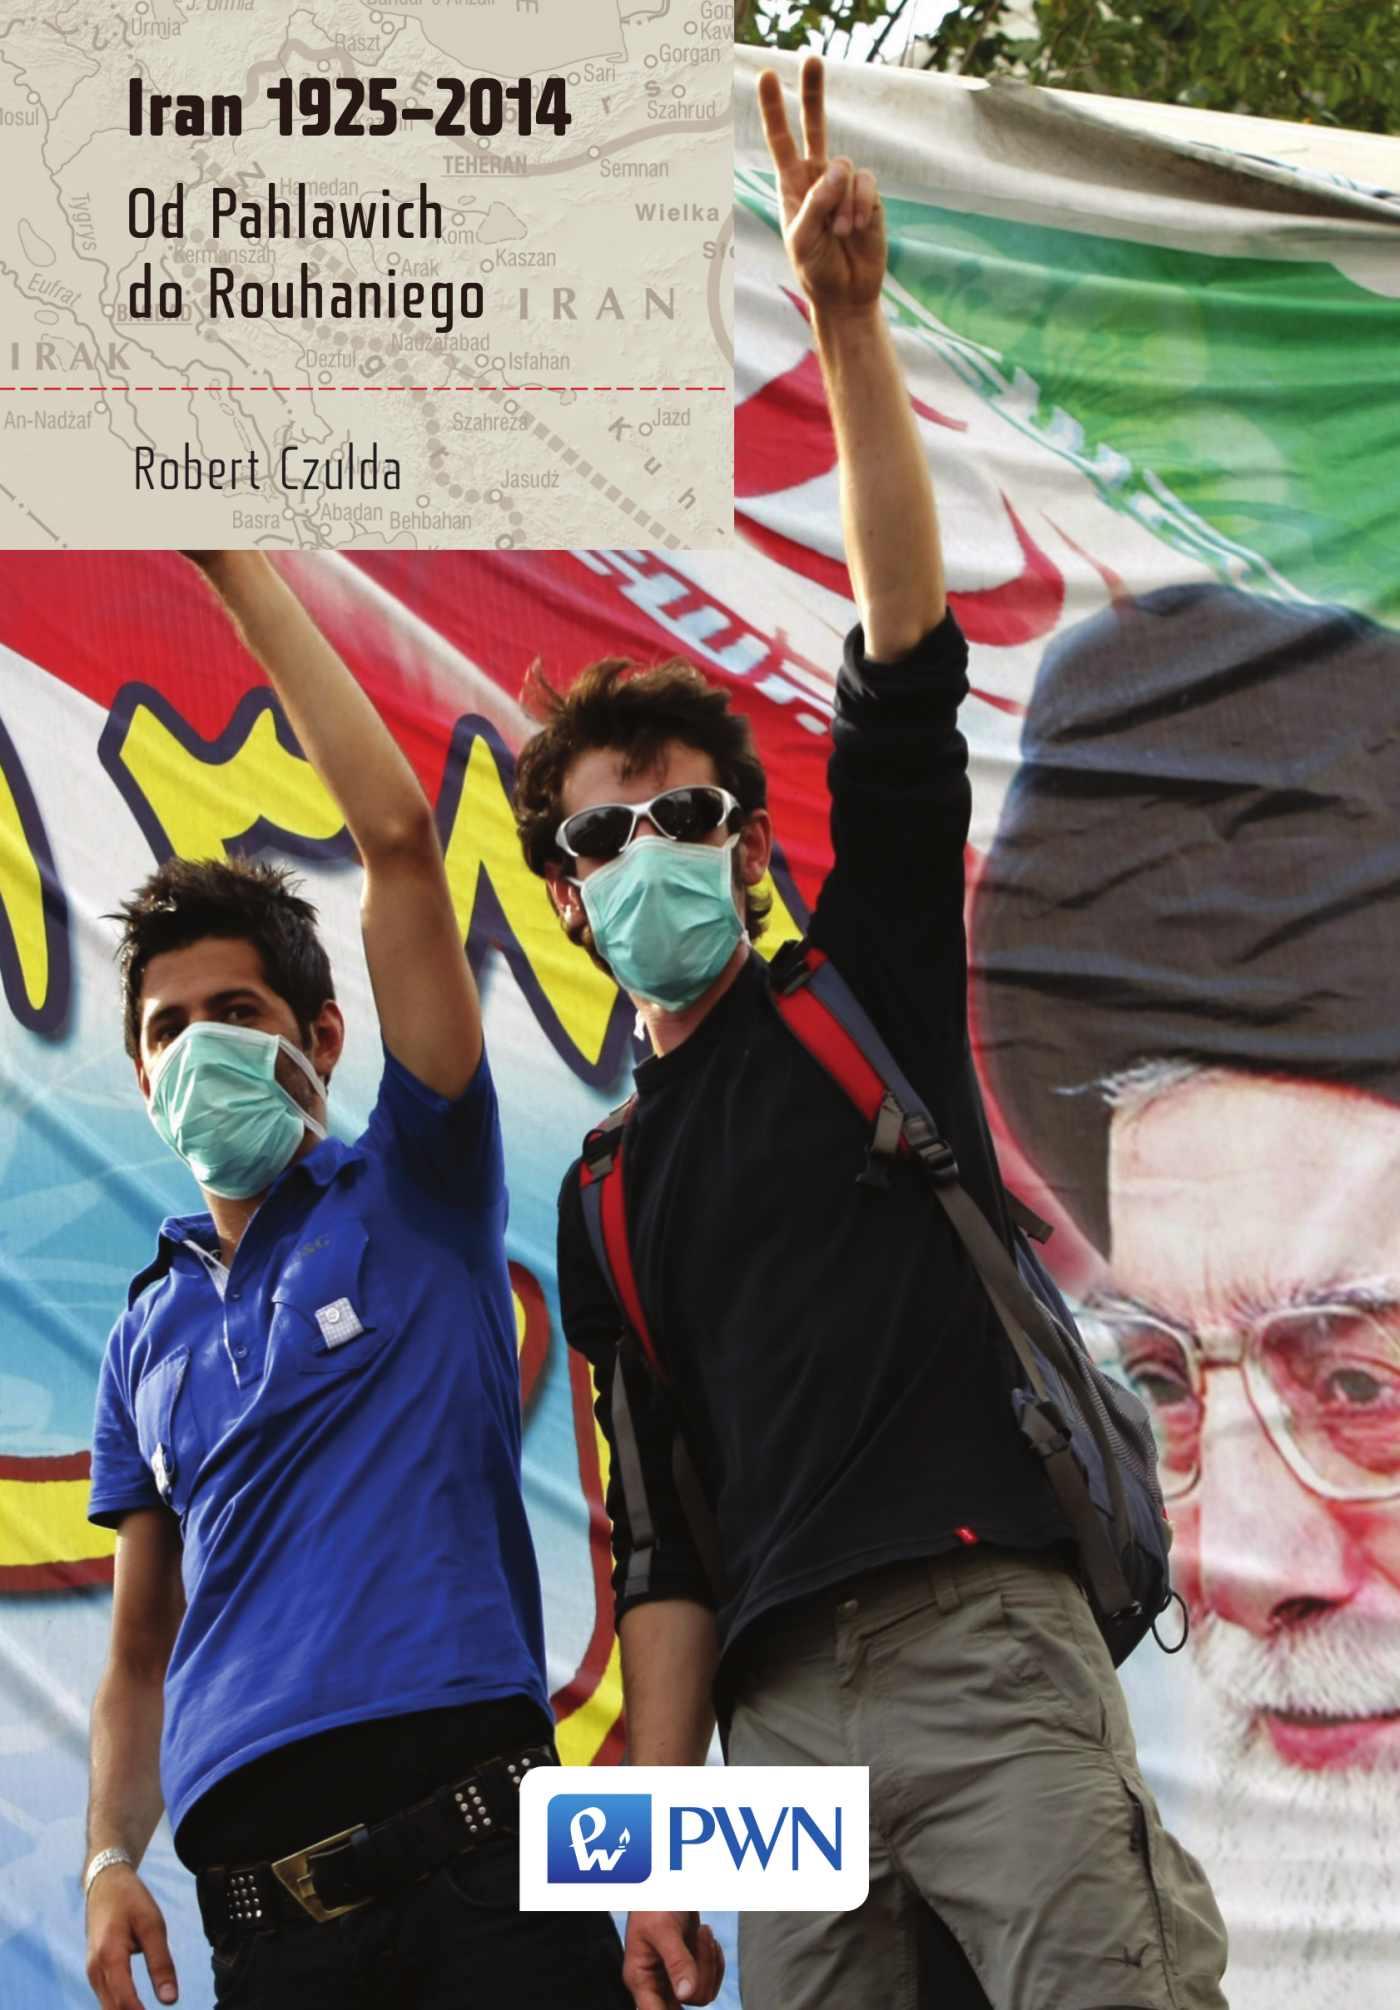 Iran 1925-2014. Od Pahlawich do Rouhaniego - Ebook (Książka EPUB) do pobrania w formacie EPUB